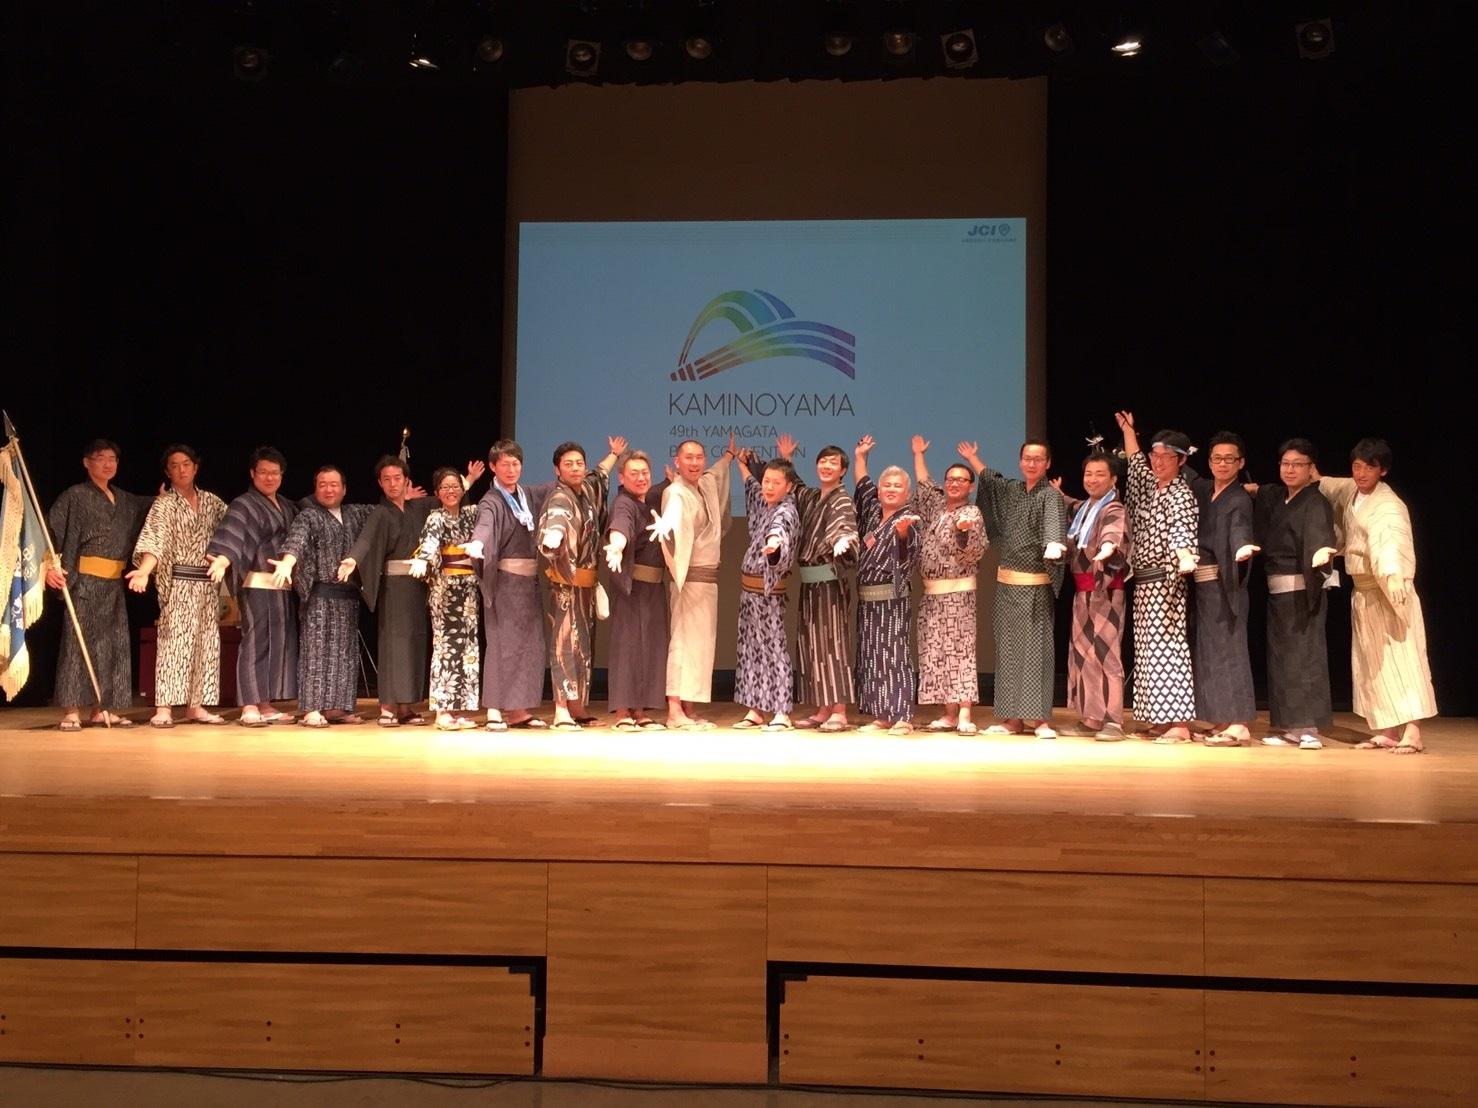 7/30 7月例会山形ブロック大会かみのやま大会:画像